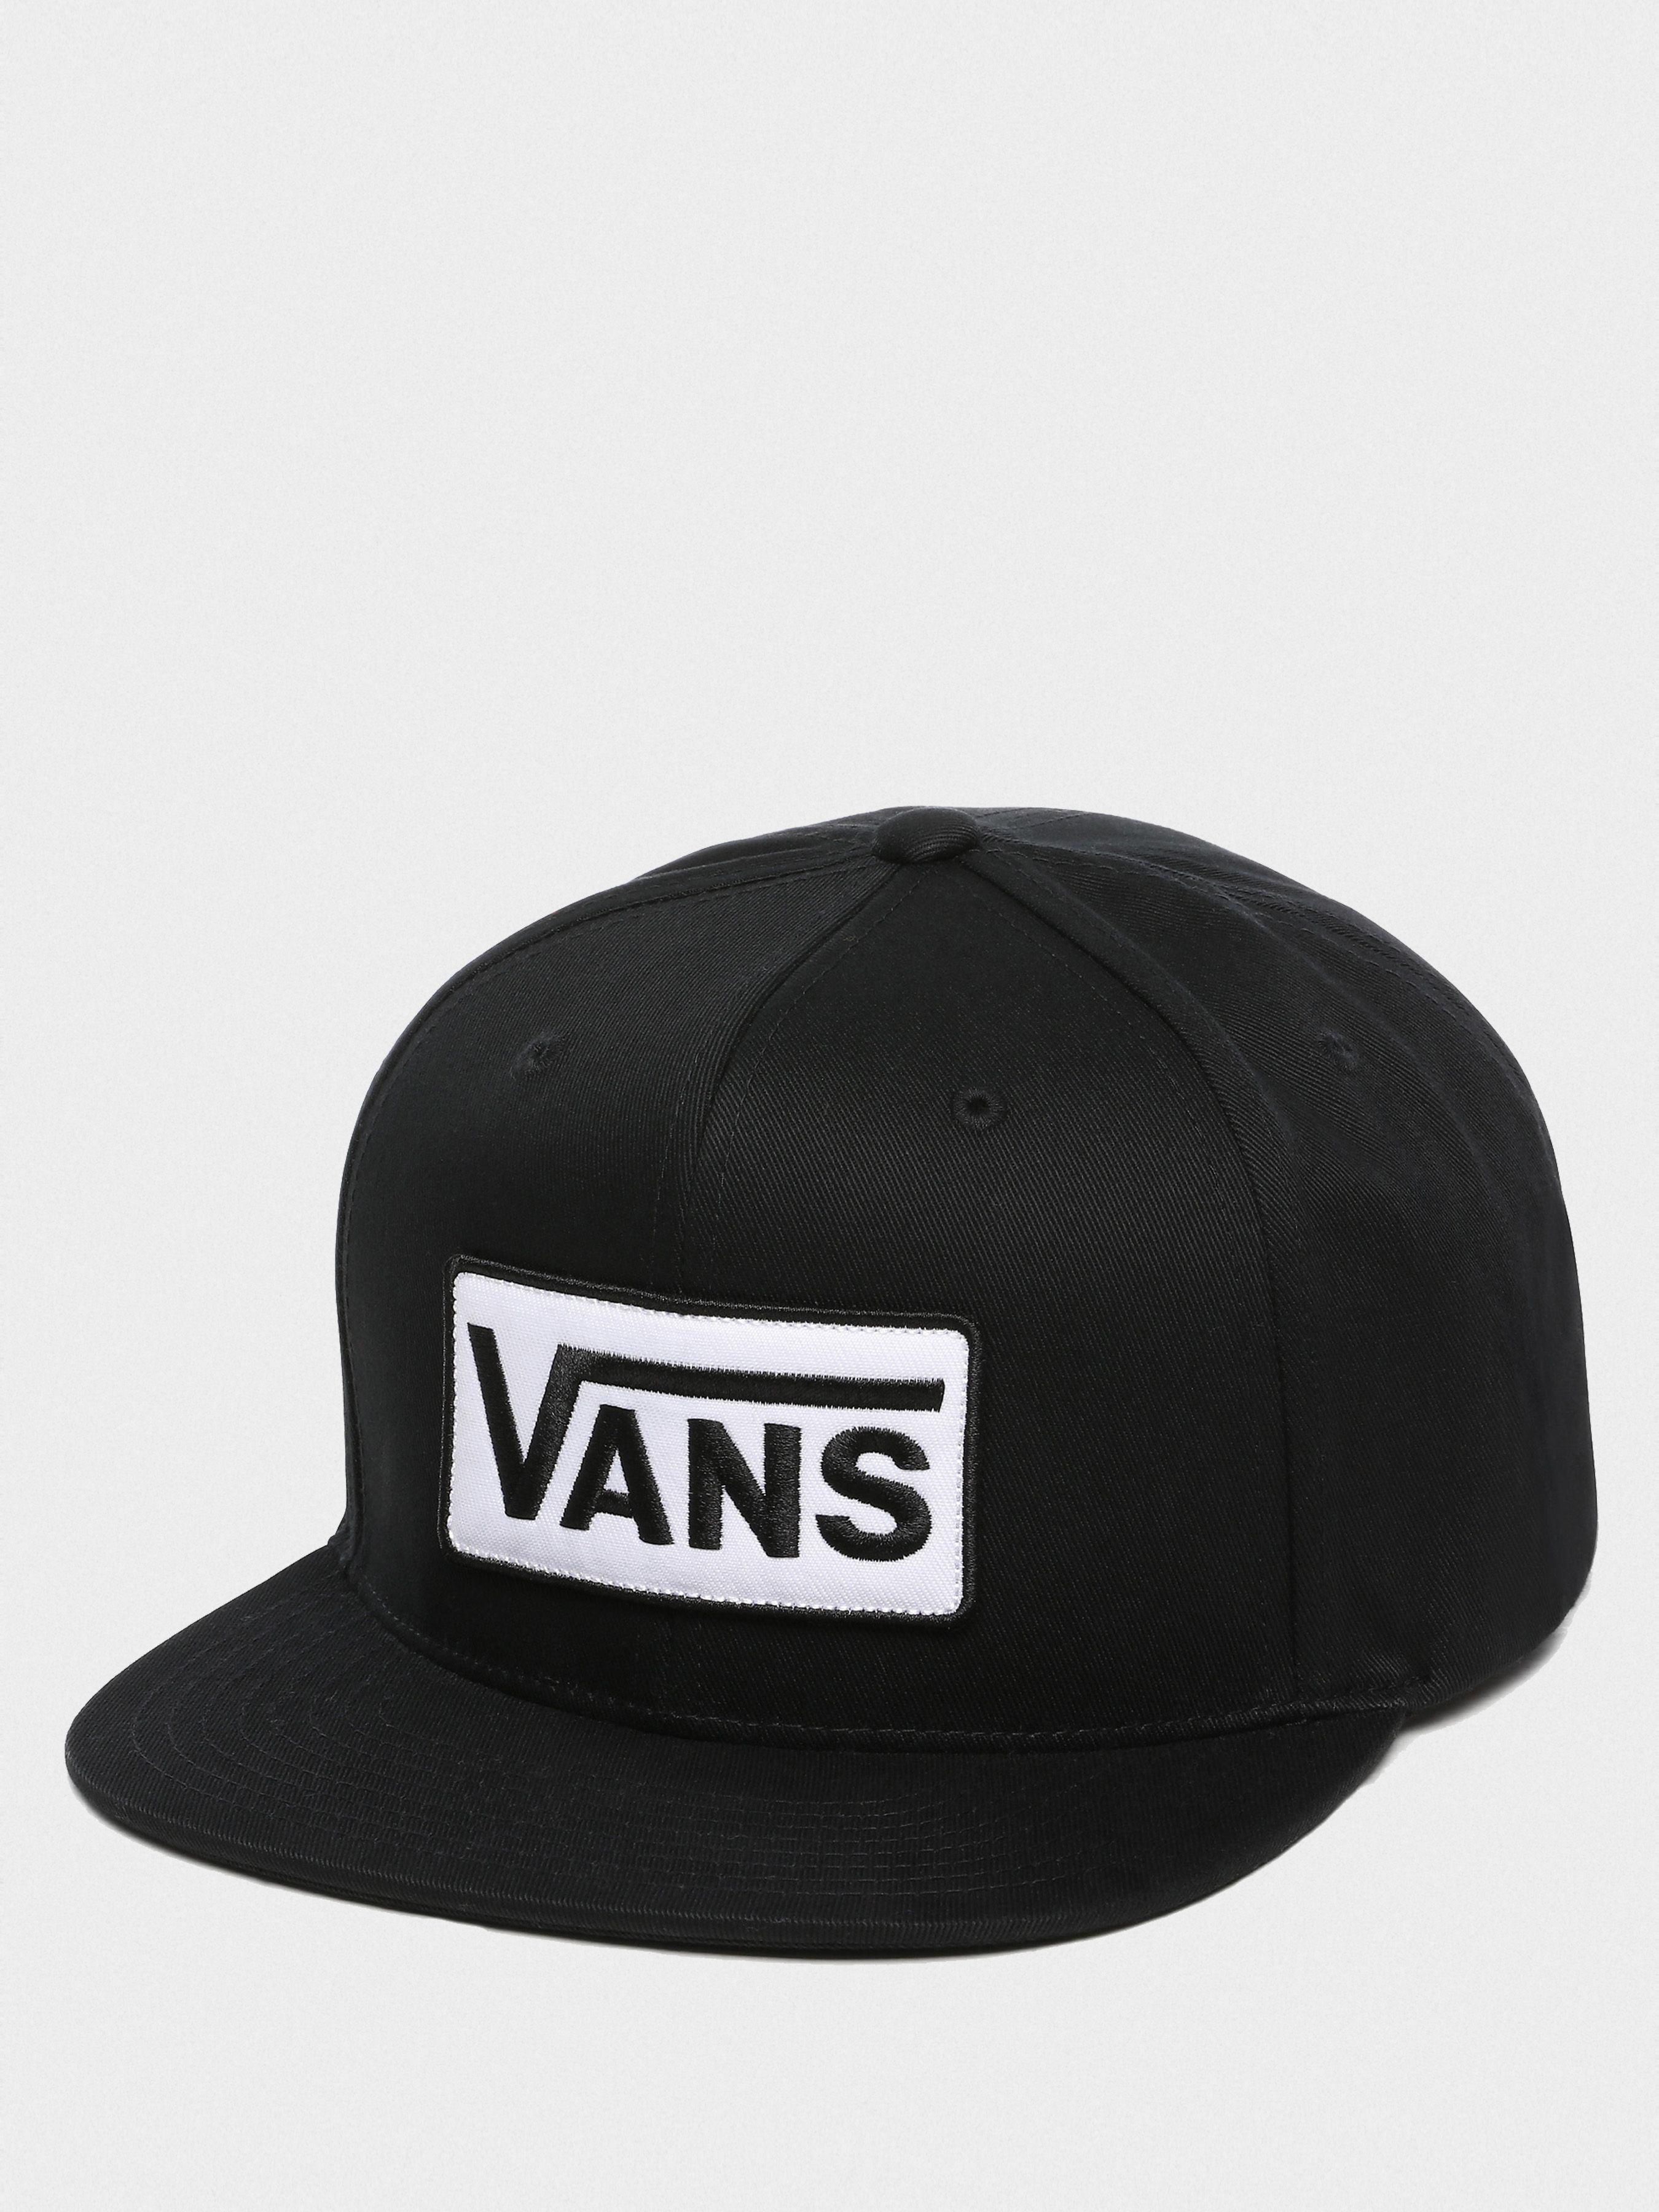 Купить Кепка мужские модель V2242, Vans, Черный